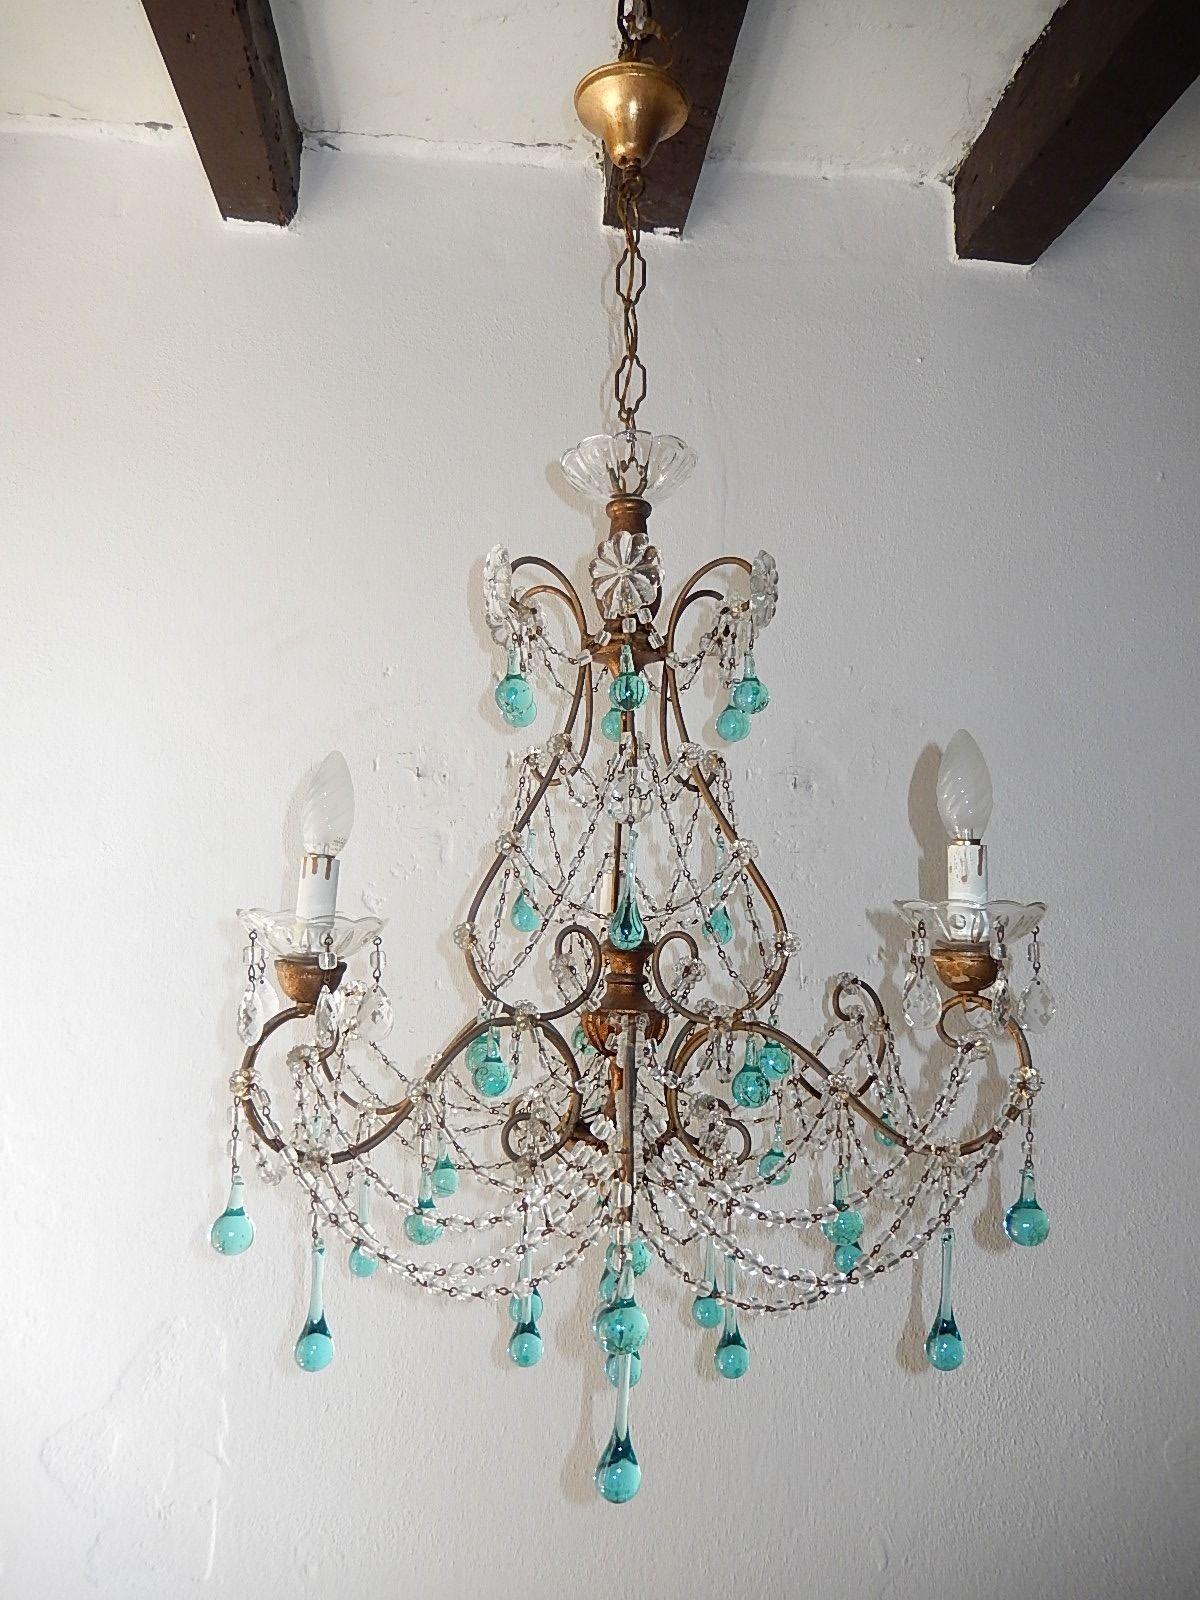 Raum mit lichtern um aqua elegance house beautiful june    chandelier